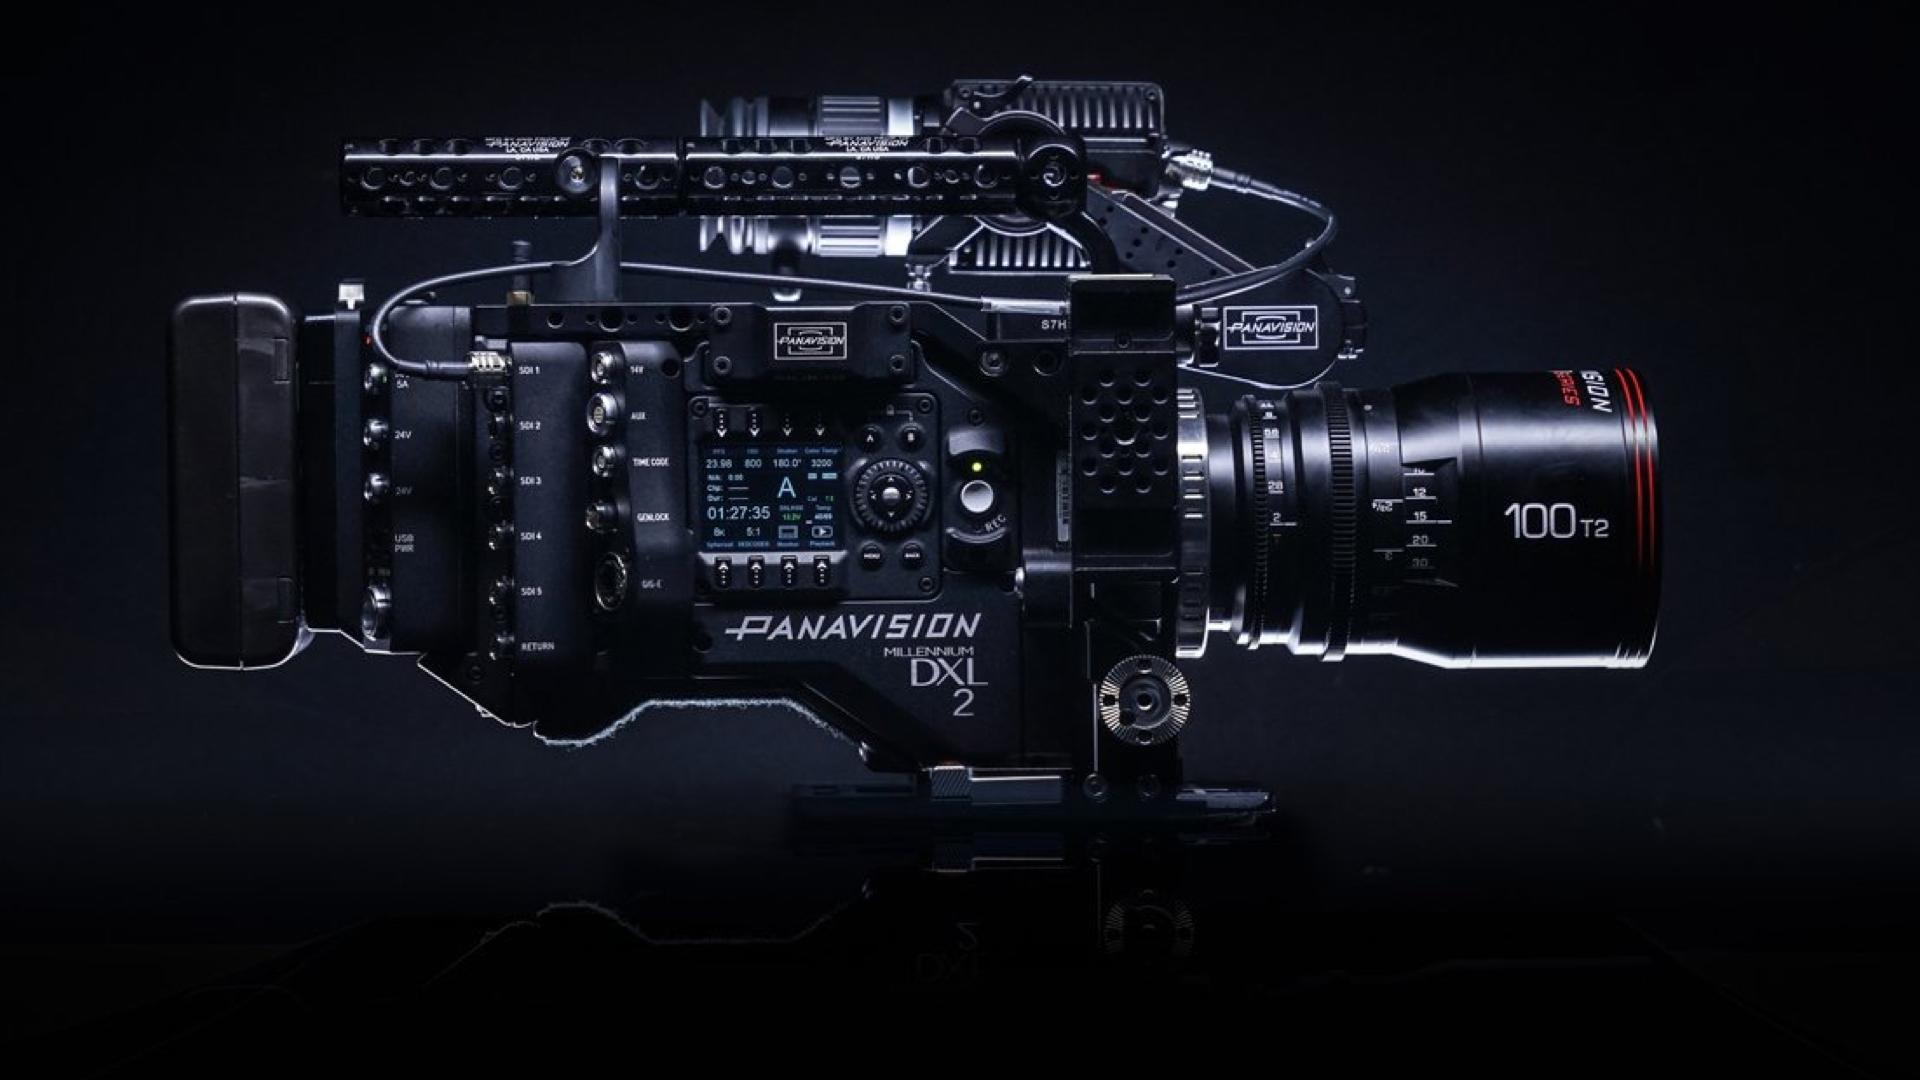 パナビジョンがMillennium DXL2 8Kカメラを発表 - RED Monstro 8K VVセンサーを搭載